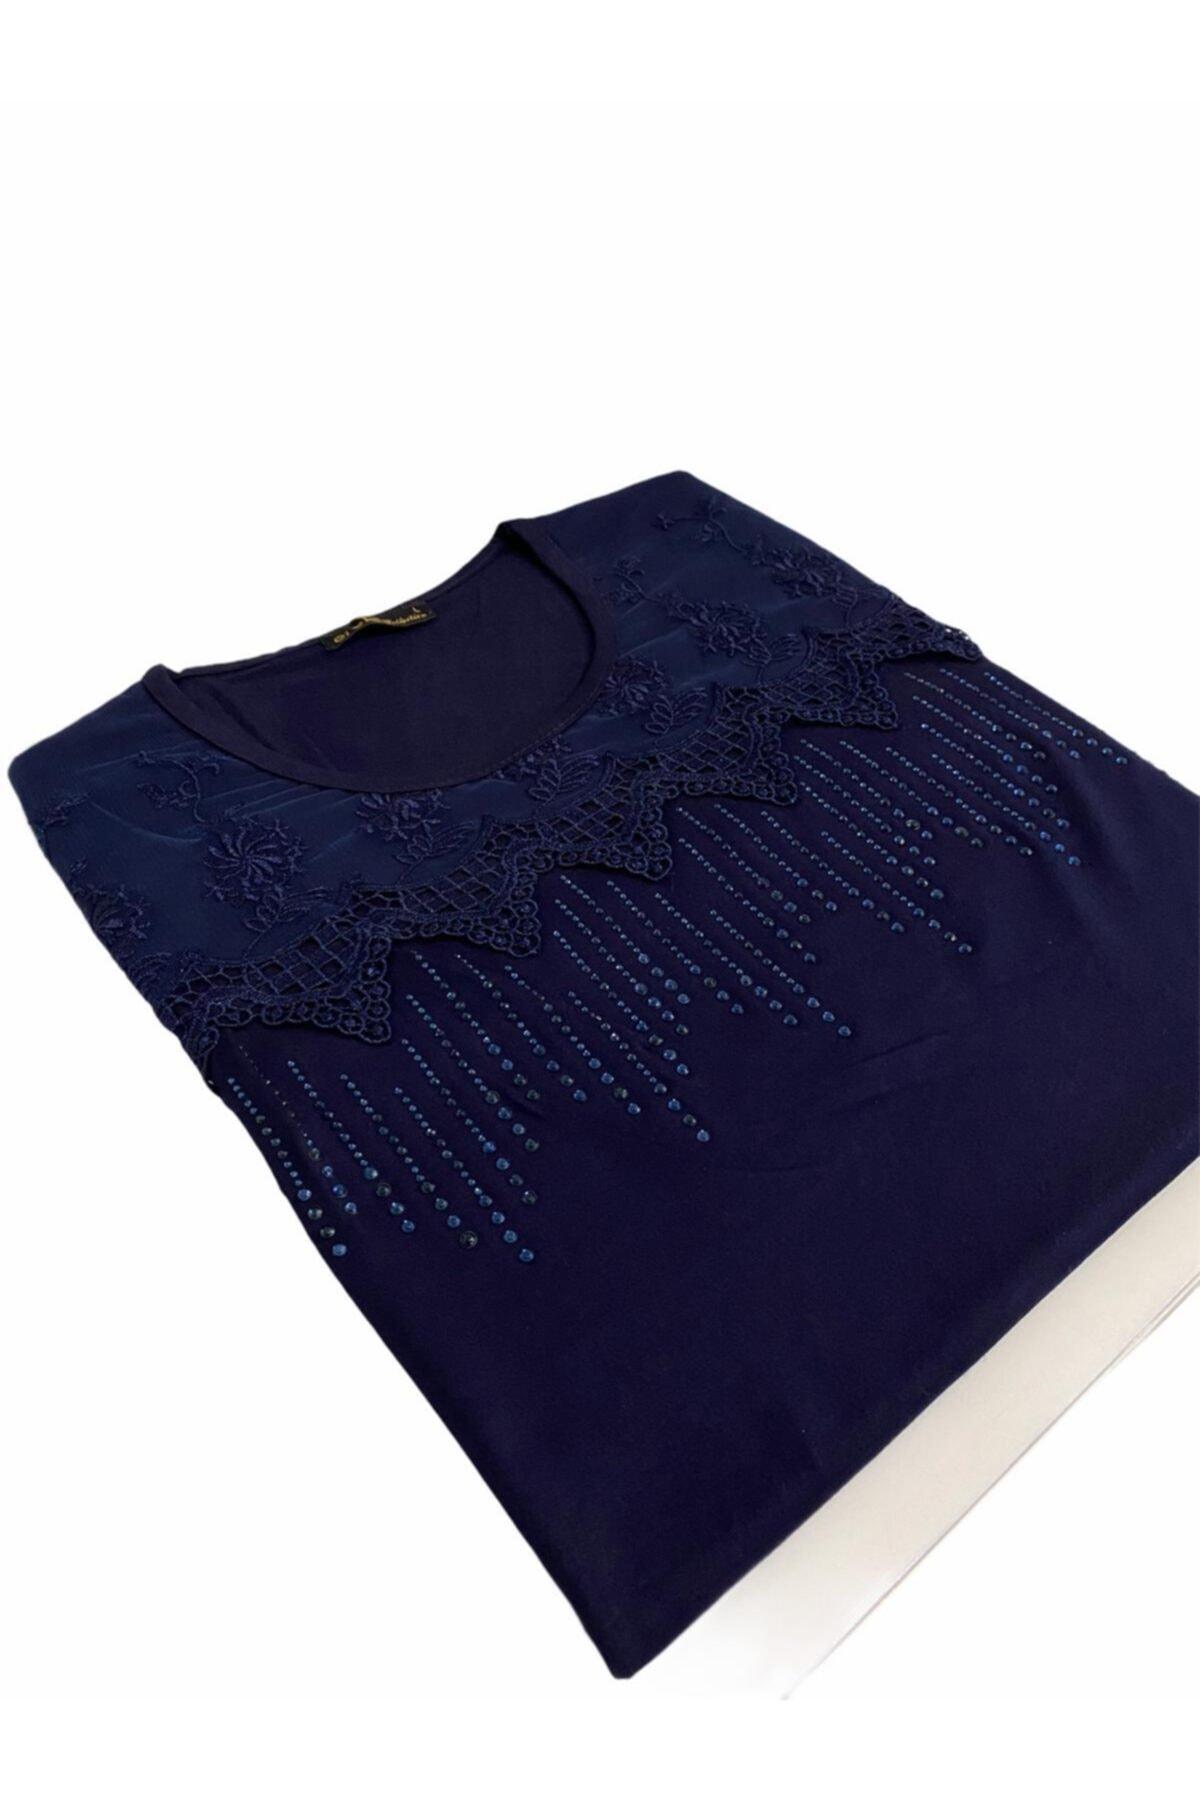 Elele Taşlı Gipür Çiçek Desenli Lacivert Anne Penye Bluz 1